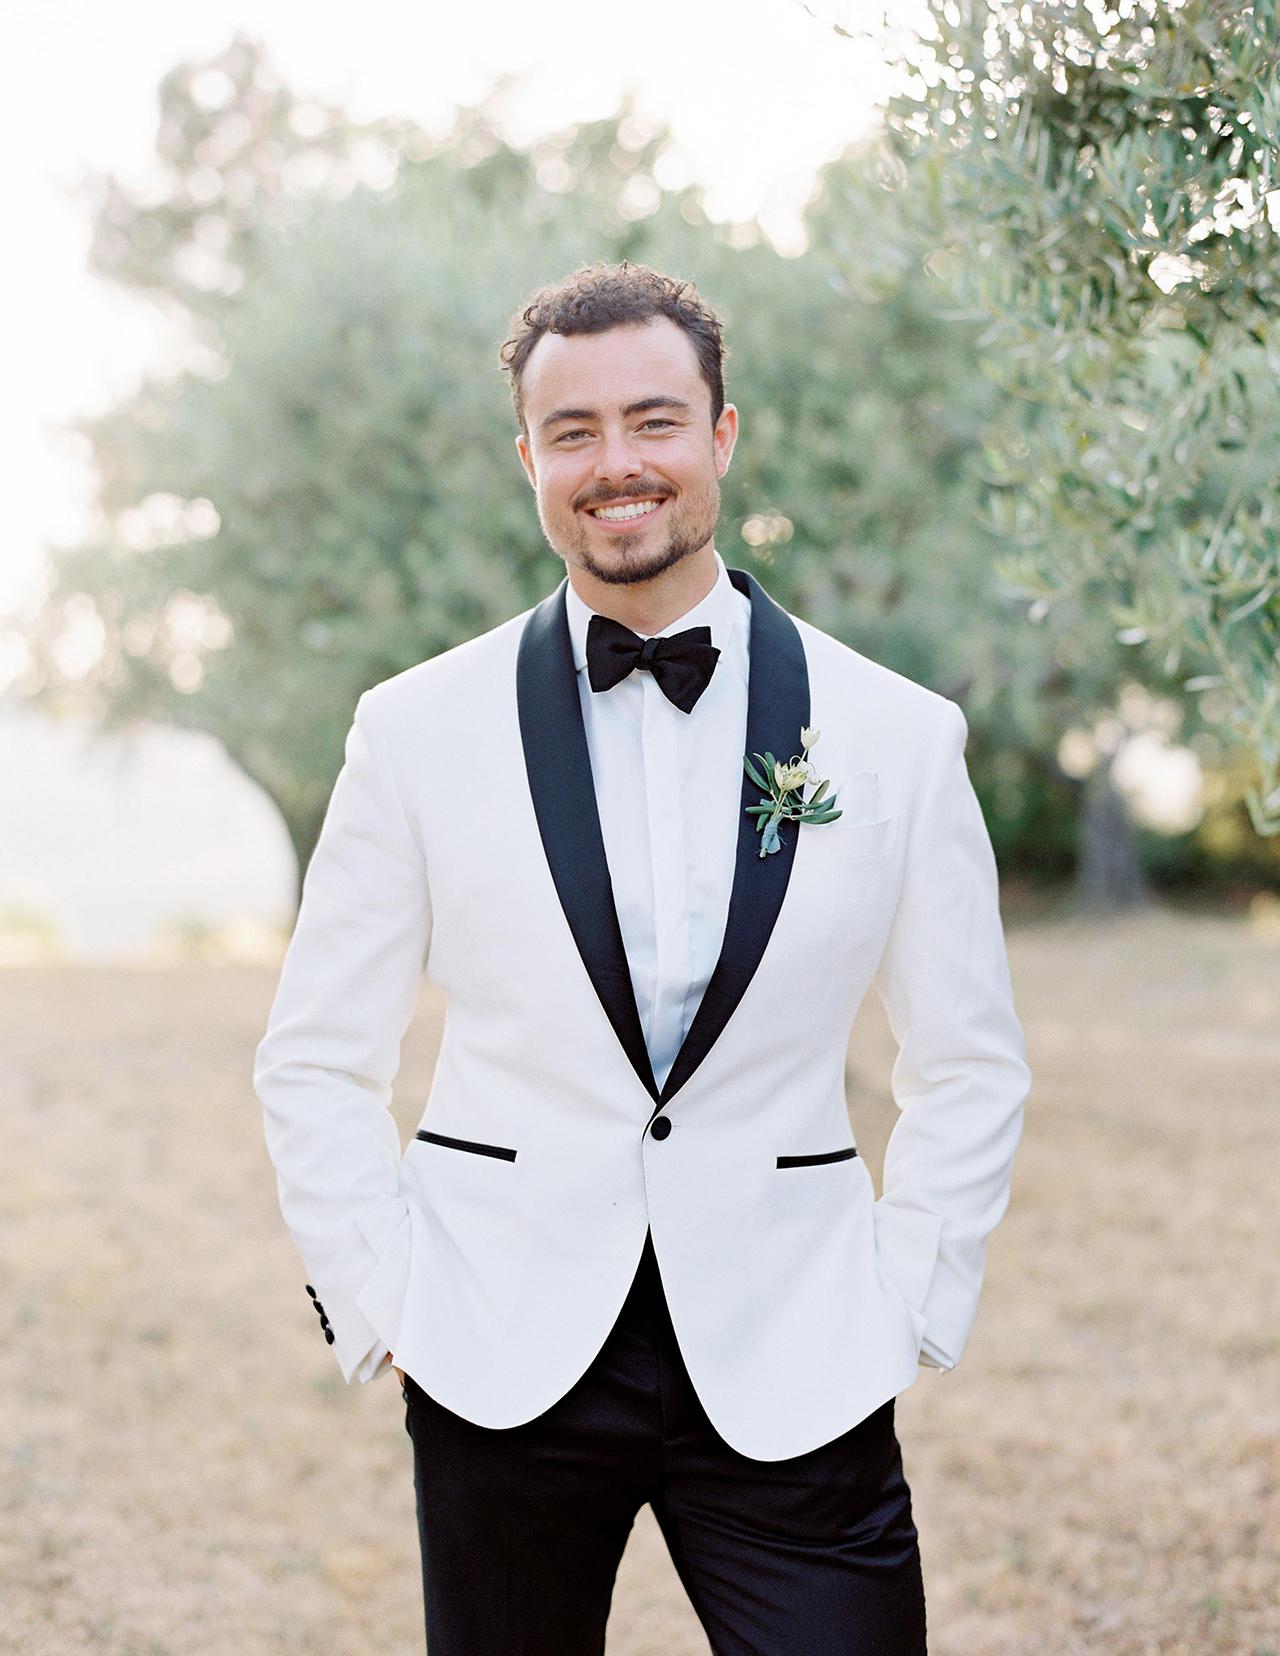 groom posing in white jacket tuxedo